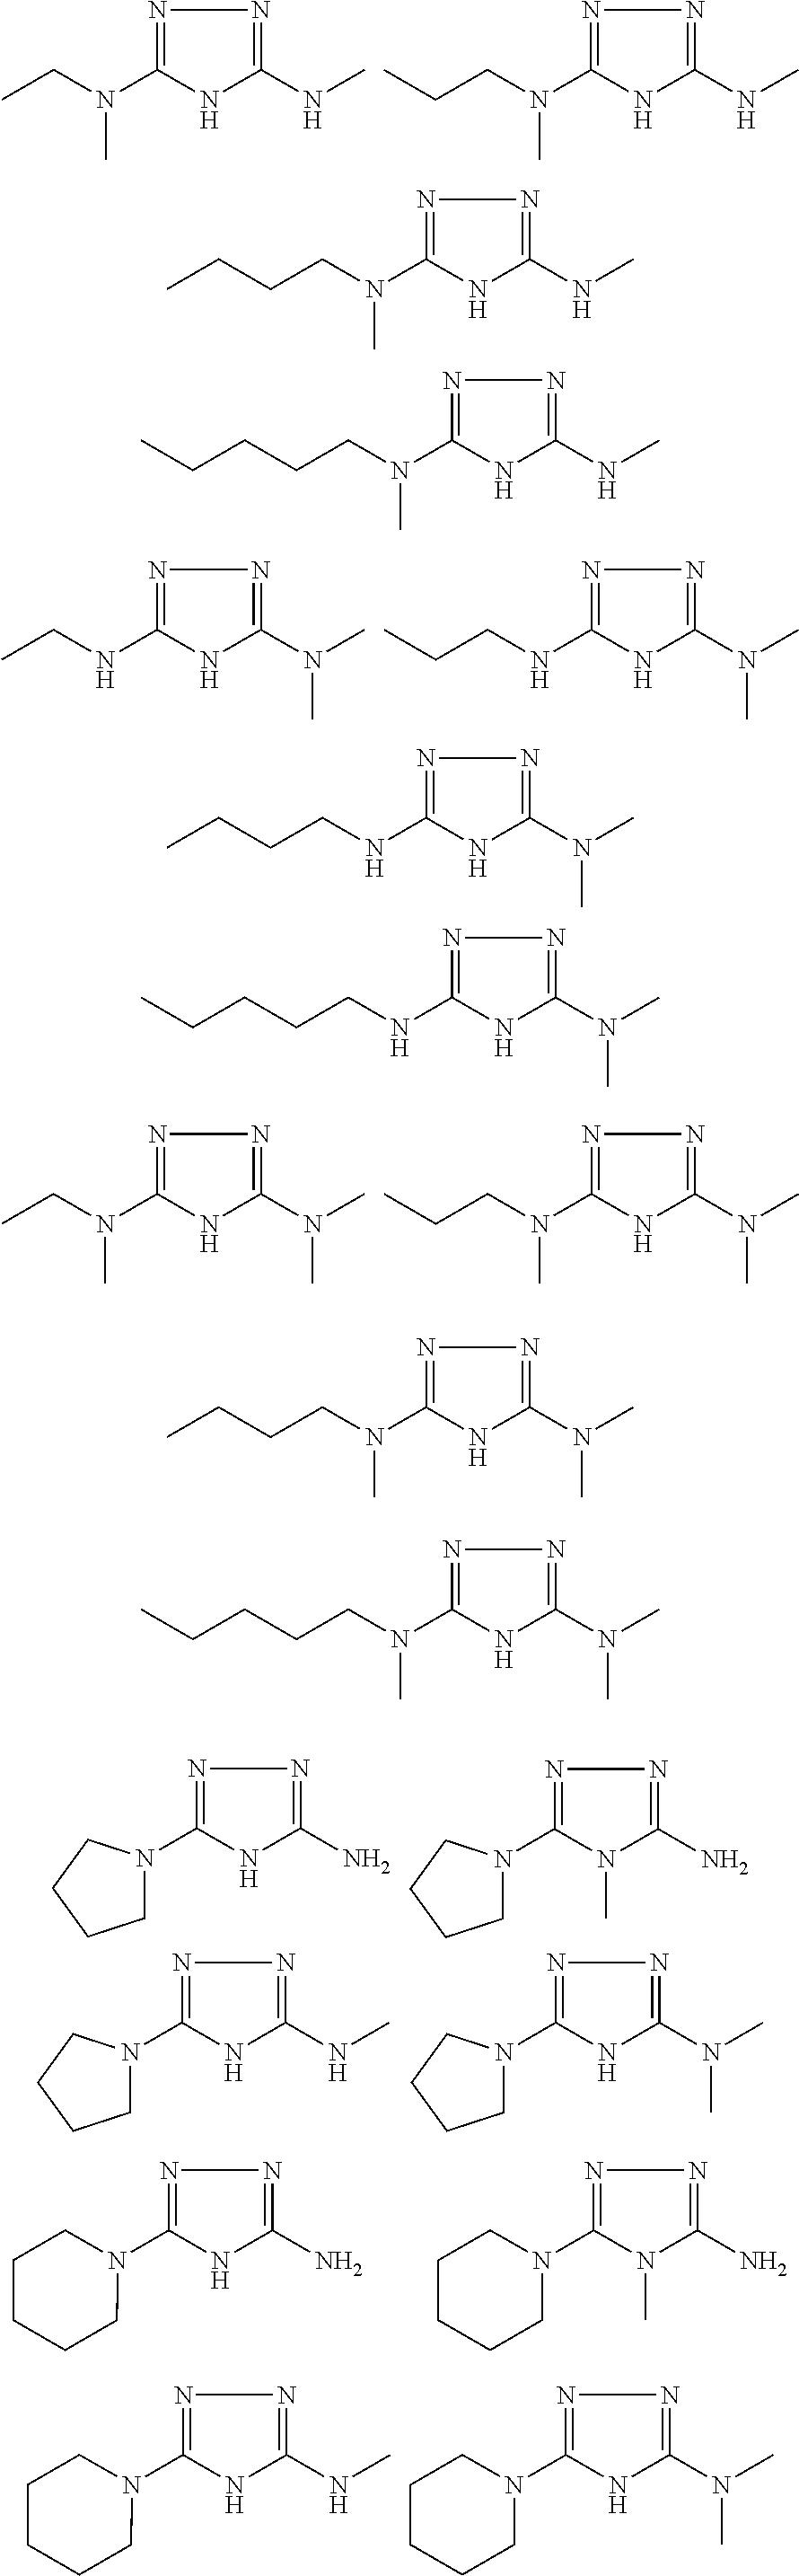 Figure US09480663-20161101-C00056